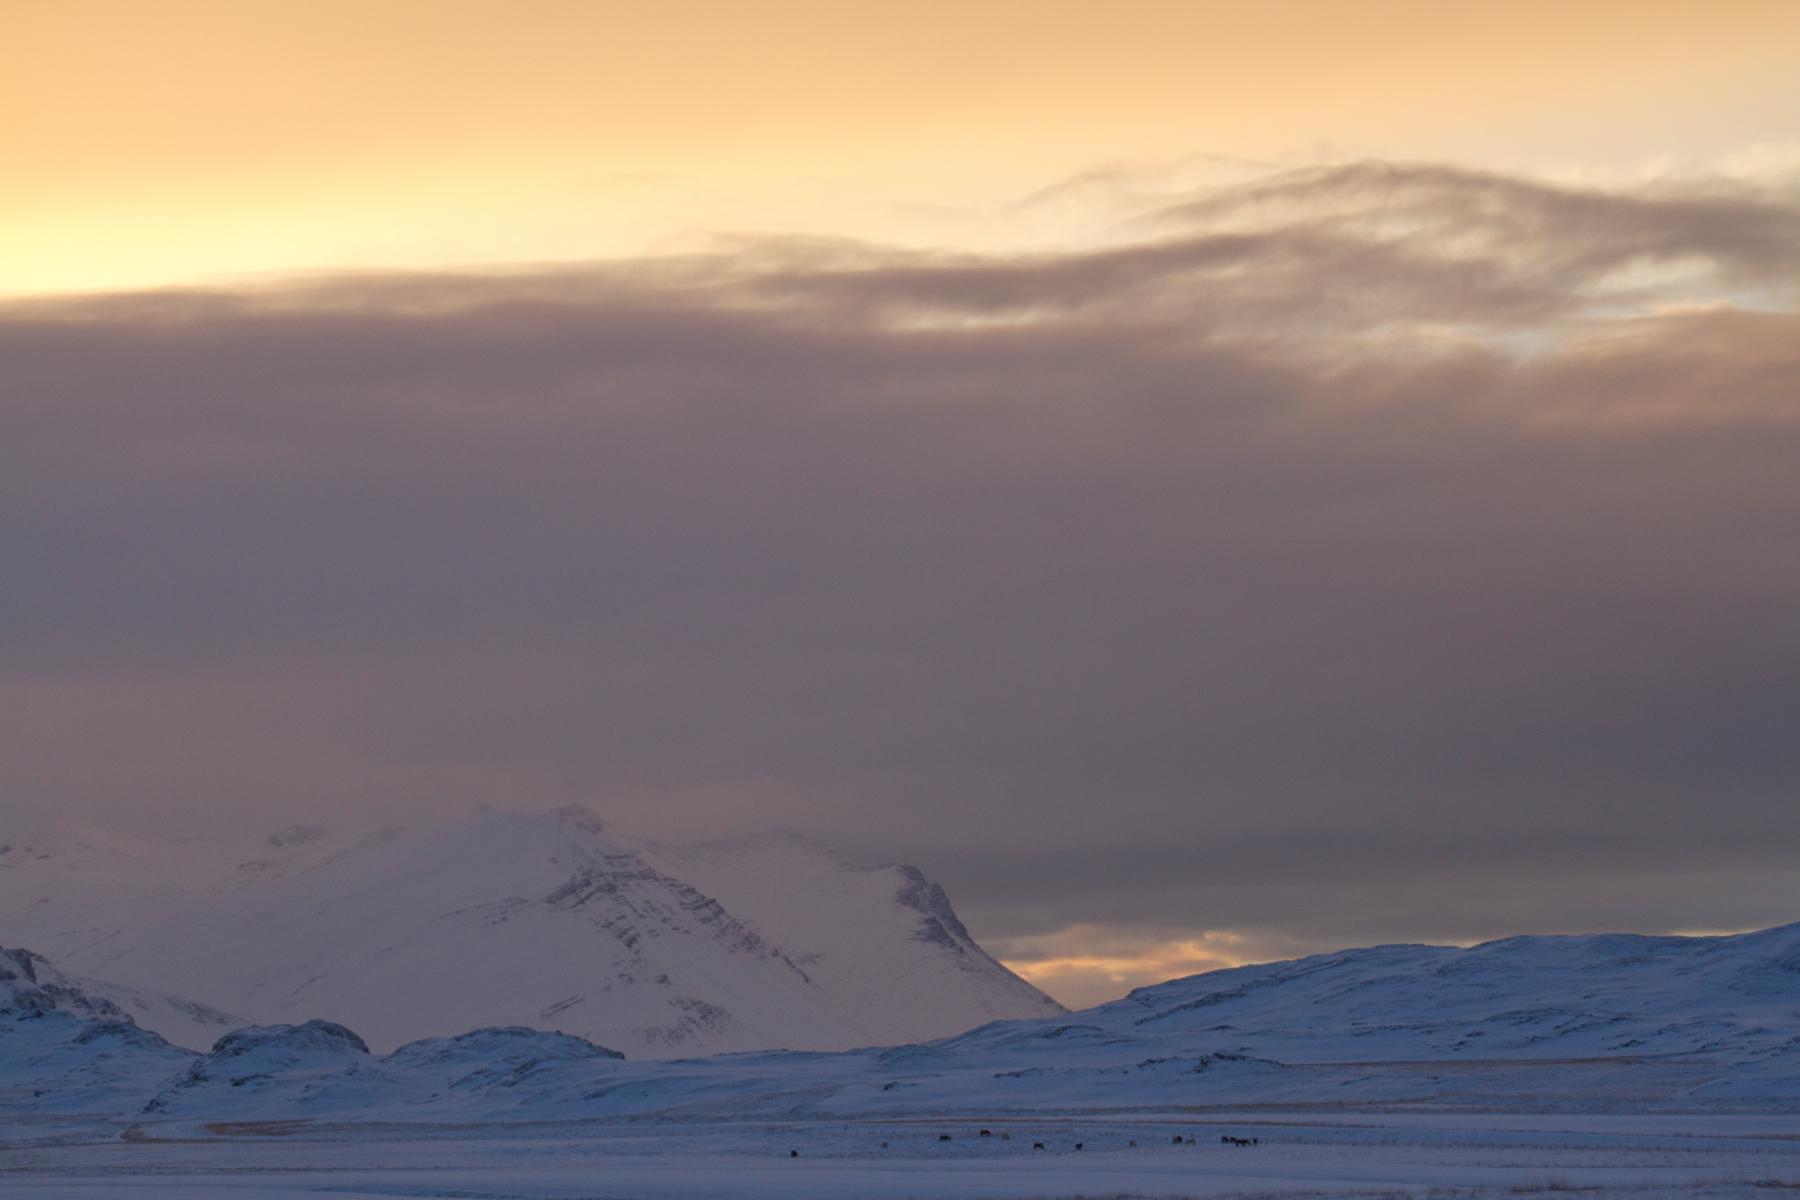 montagne et coucher de soleil novembre islande